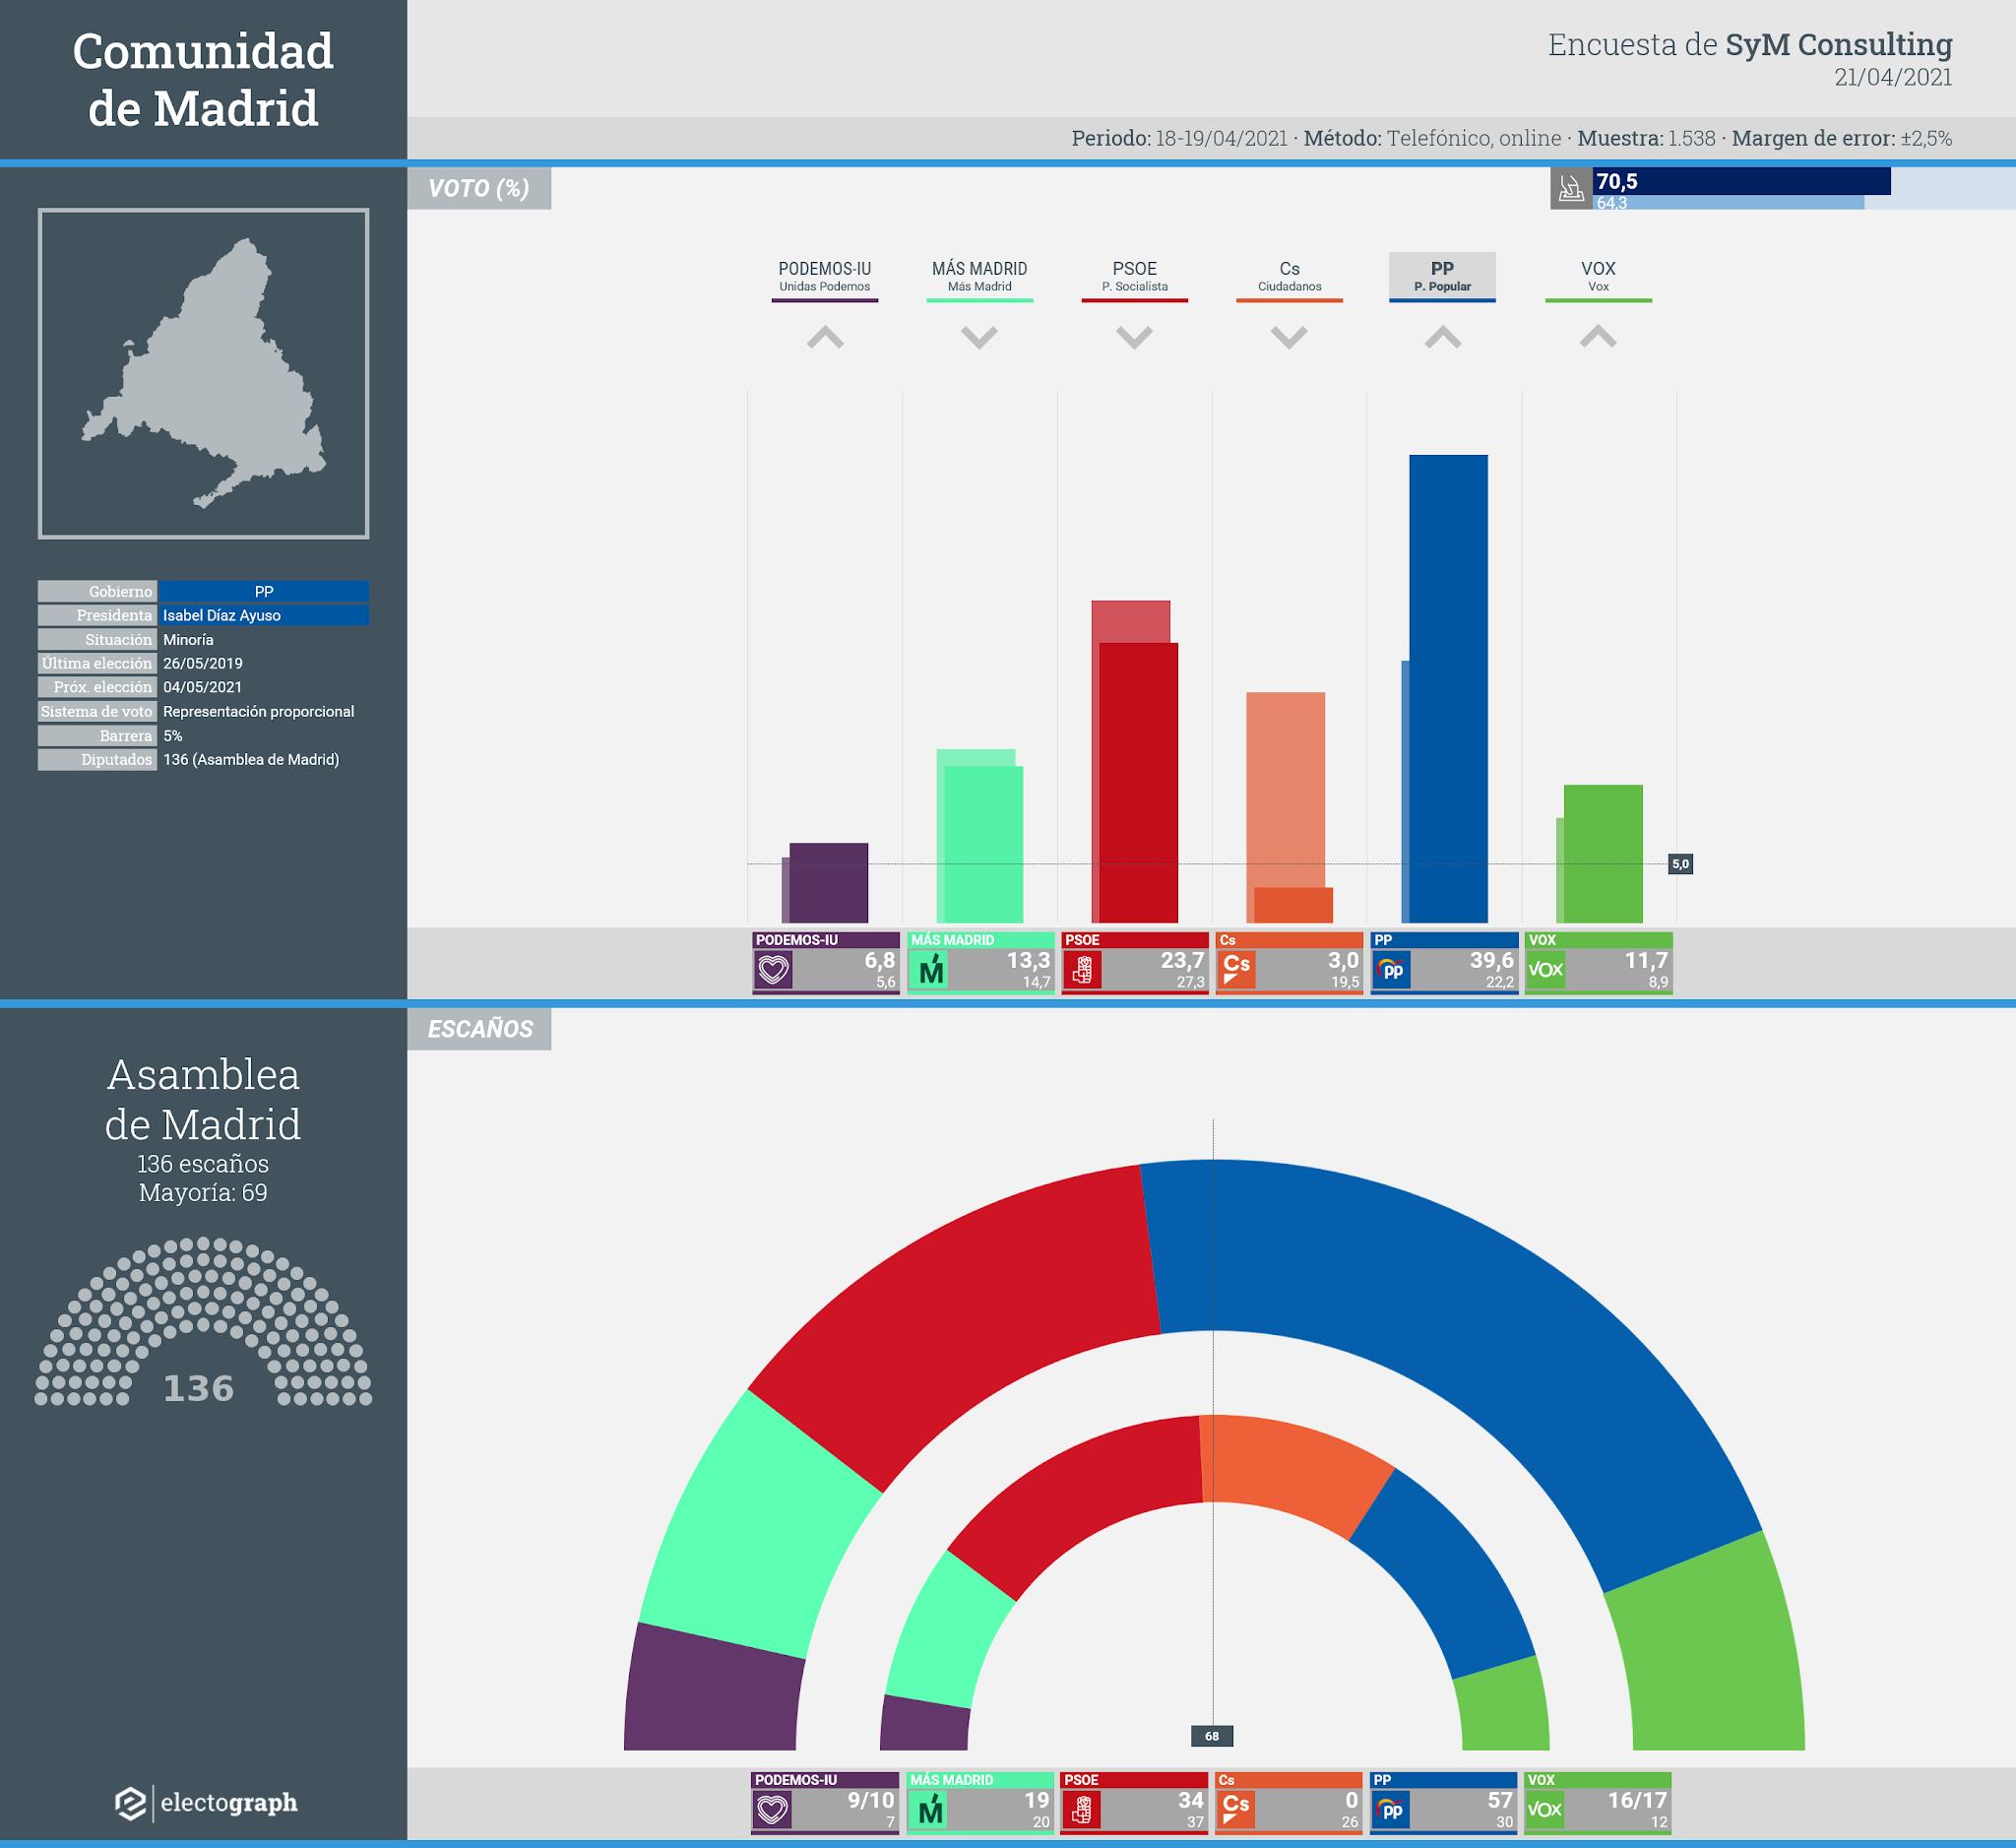 Gráfico de la encuesta para elecciones autonómicas en la Comunidad de Madrid realizada por SyM Consulting, 21 de abril de 2021